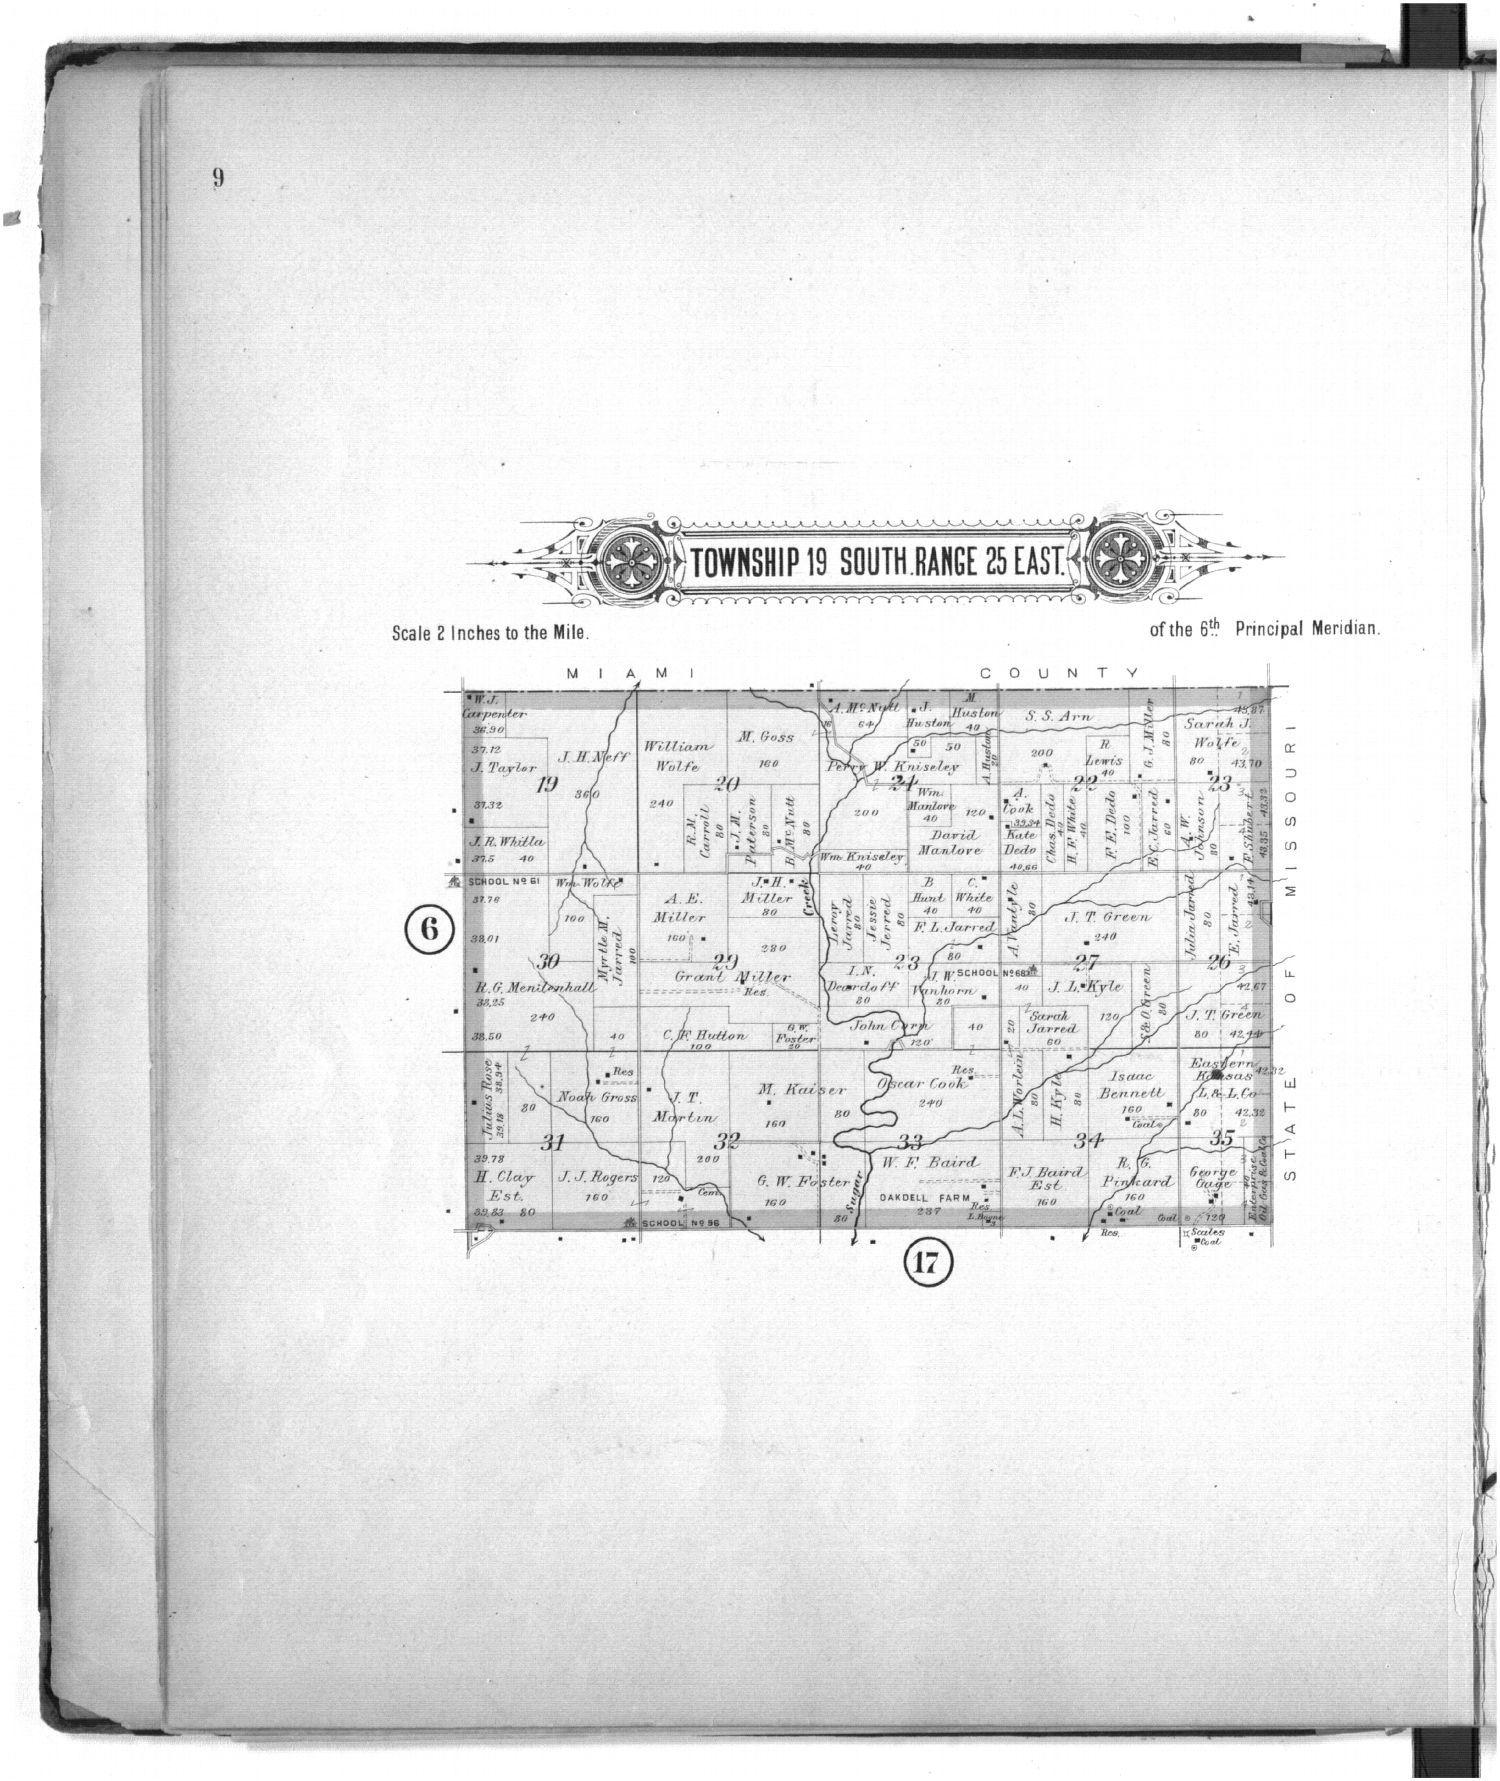 Plat book of Linn County, Kansas - 9